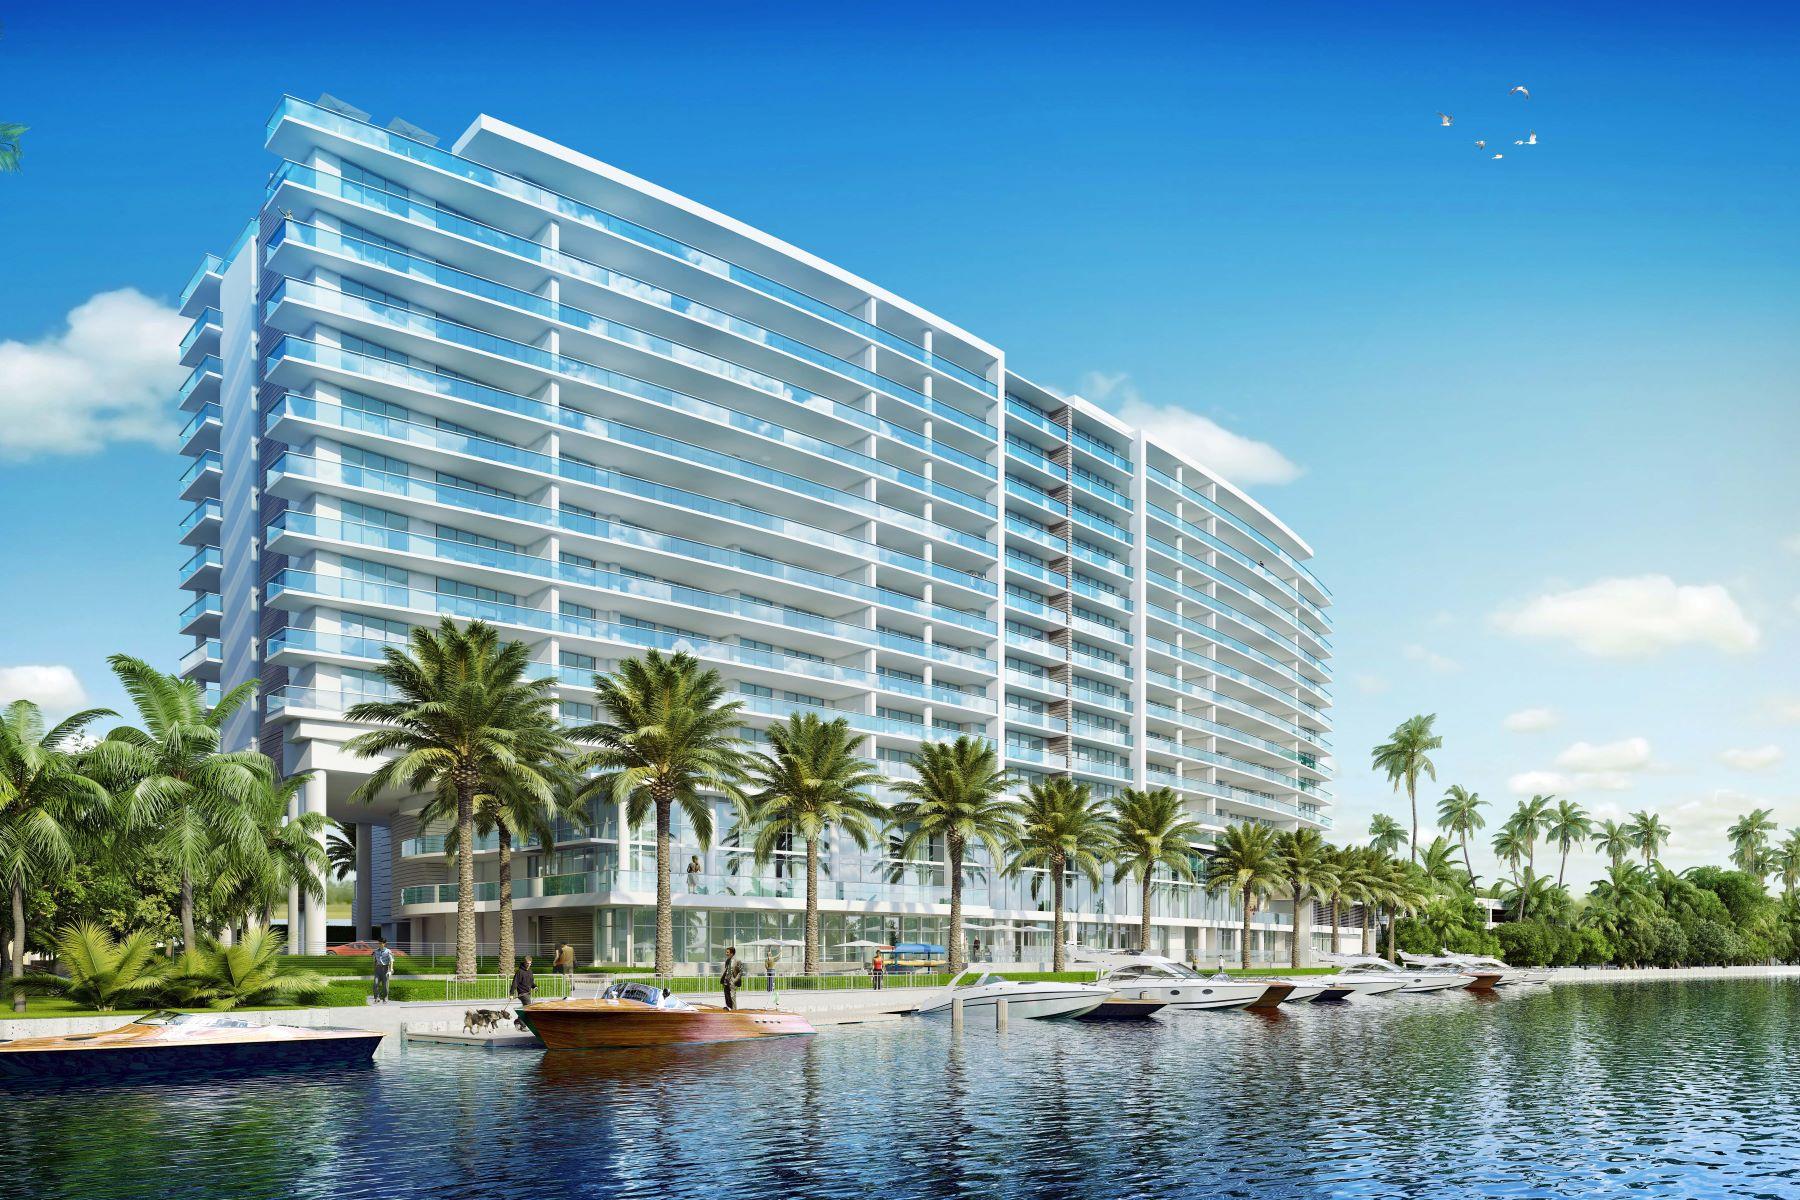 Wohnung für Verkauf beim 1180 N Federal Hwy #1001 1180 N Federal Hwy 1001 Fort Lauderdale, Florida, 33304 Vereinigte Staaten